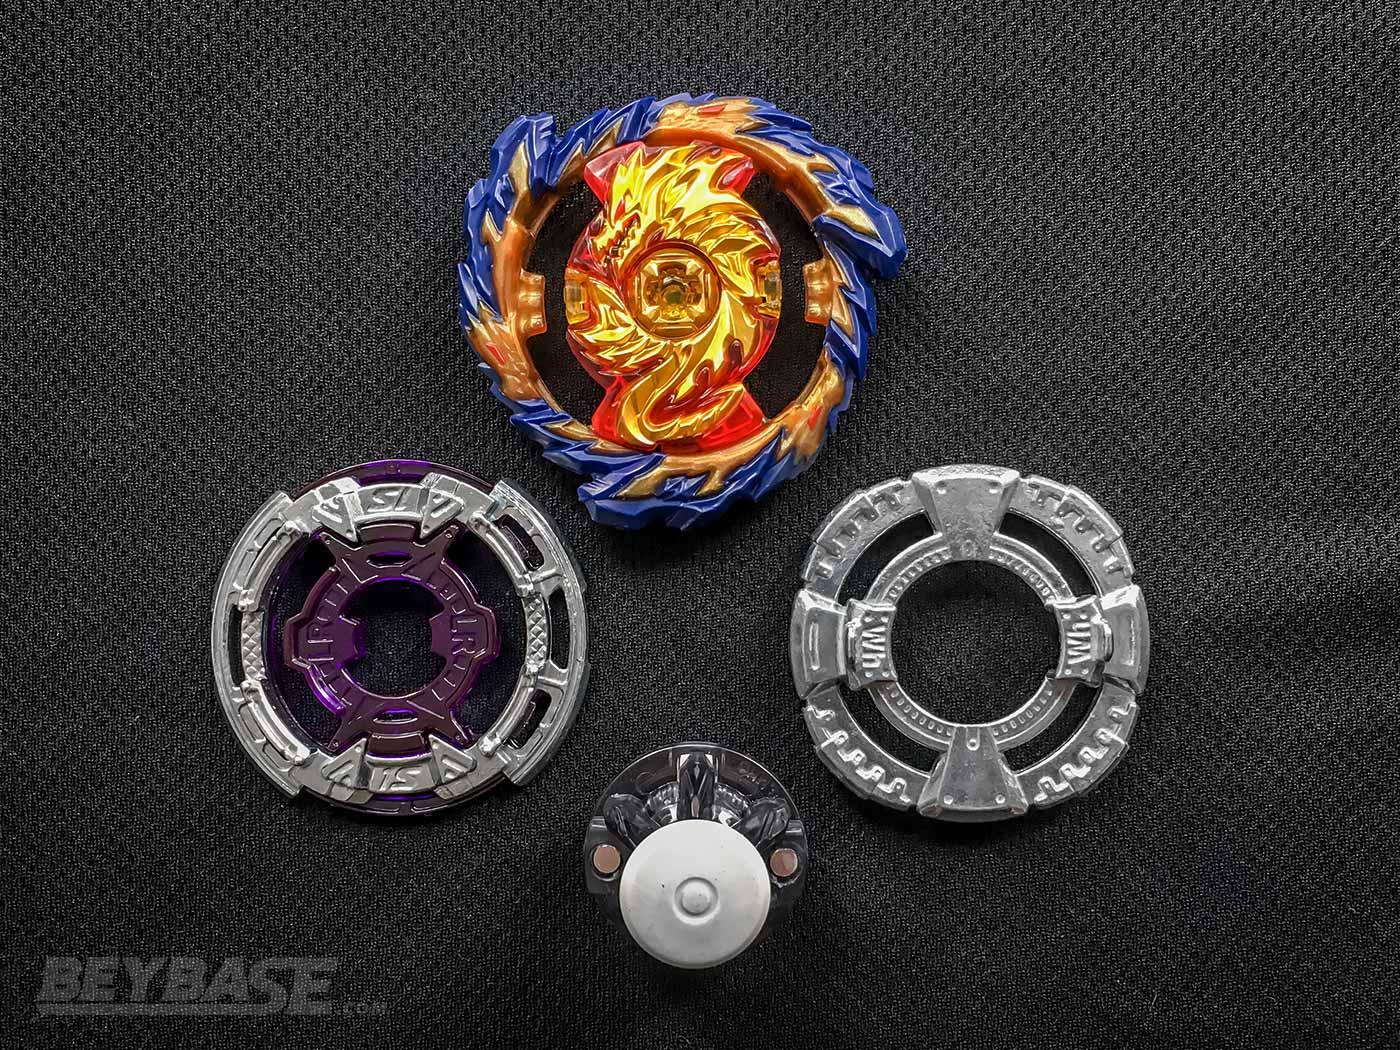 beyblade burst sparking strong stamina combo mirage fafnir wheel mobius 1s